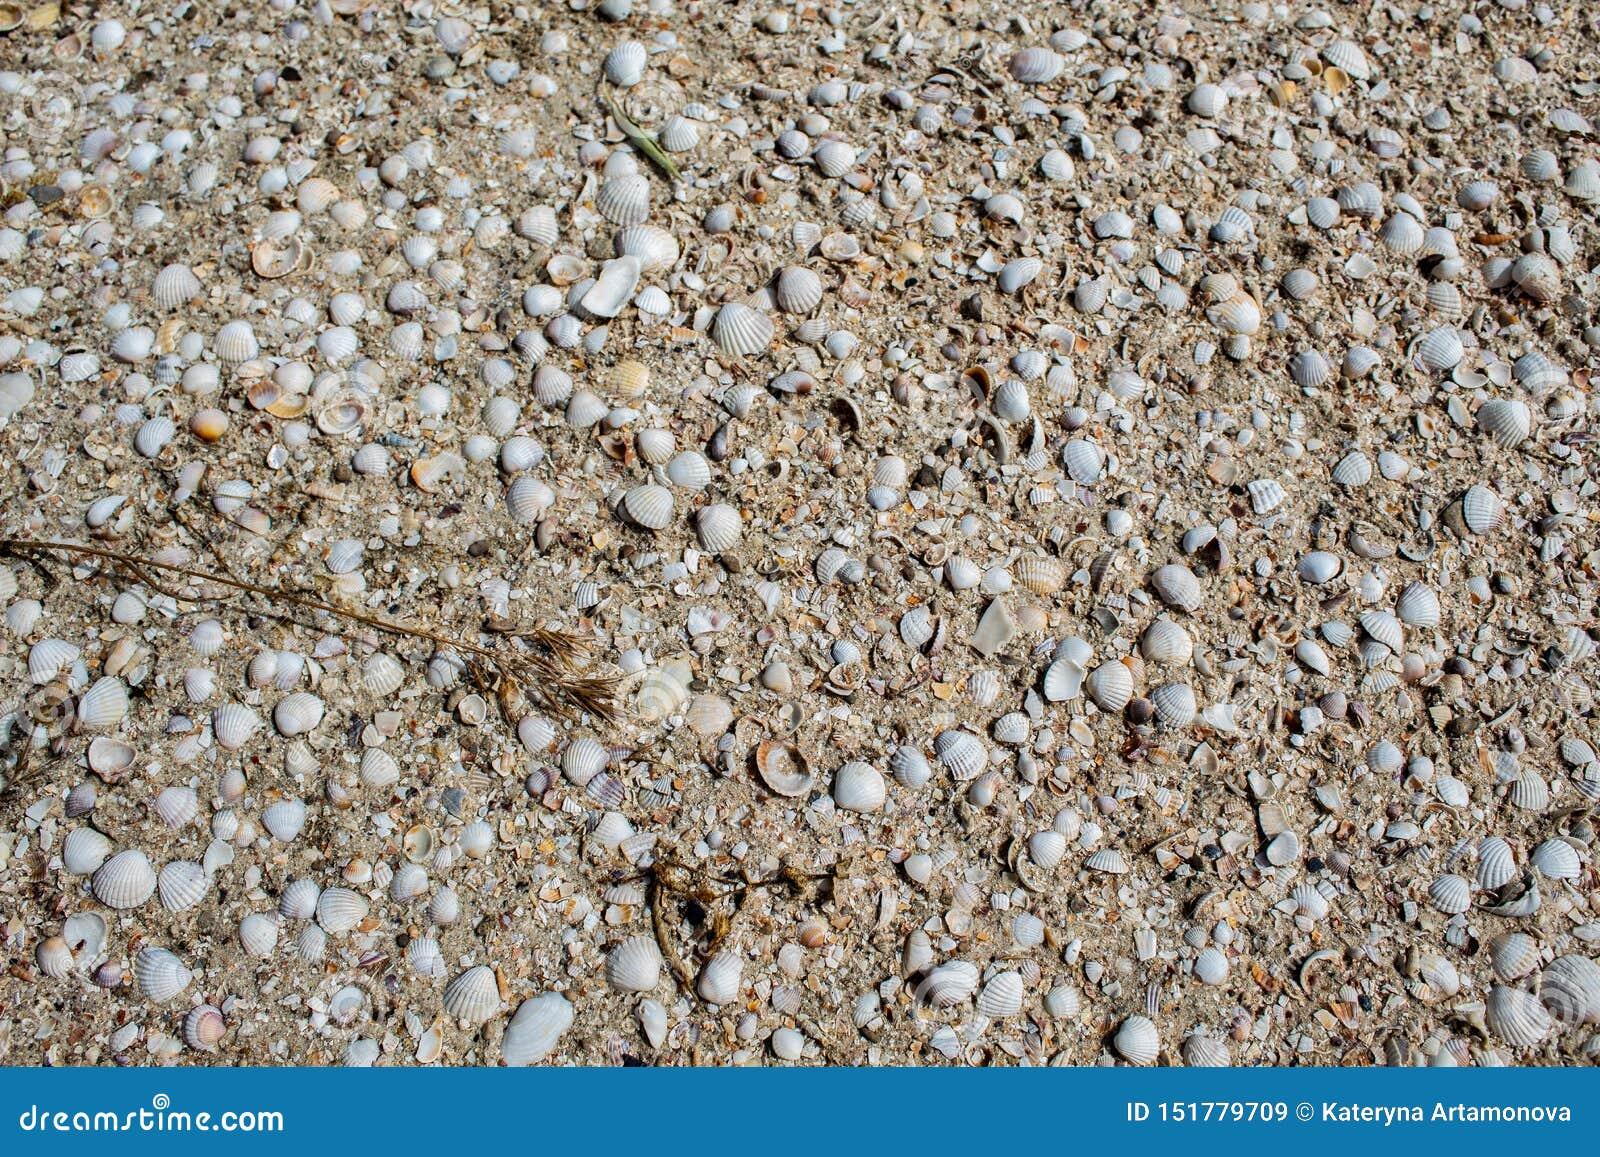 Conchiglie dei colori e delle dimensioni differenti, bugia sulla sabbia